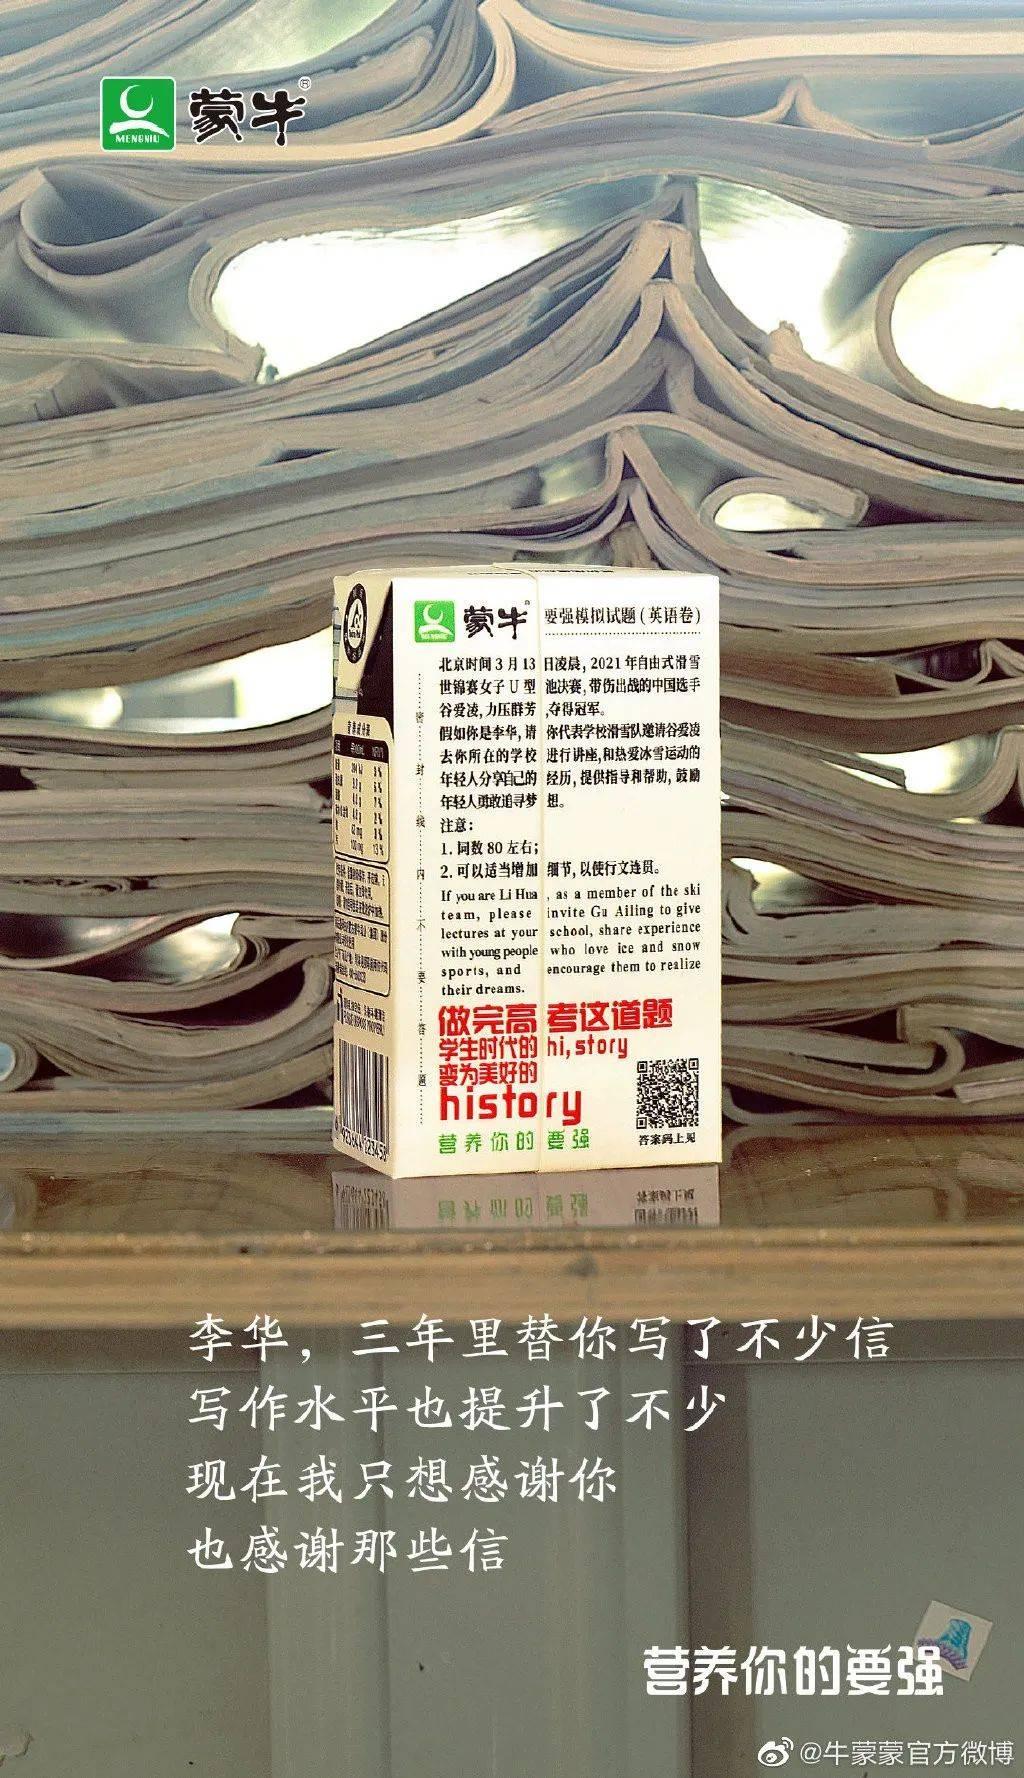 亚洲AV无码专区首页,广告营销策略,品牌头版,品牌策略,情感营销,品牌营销